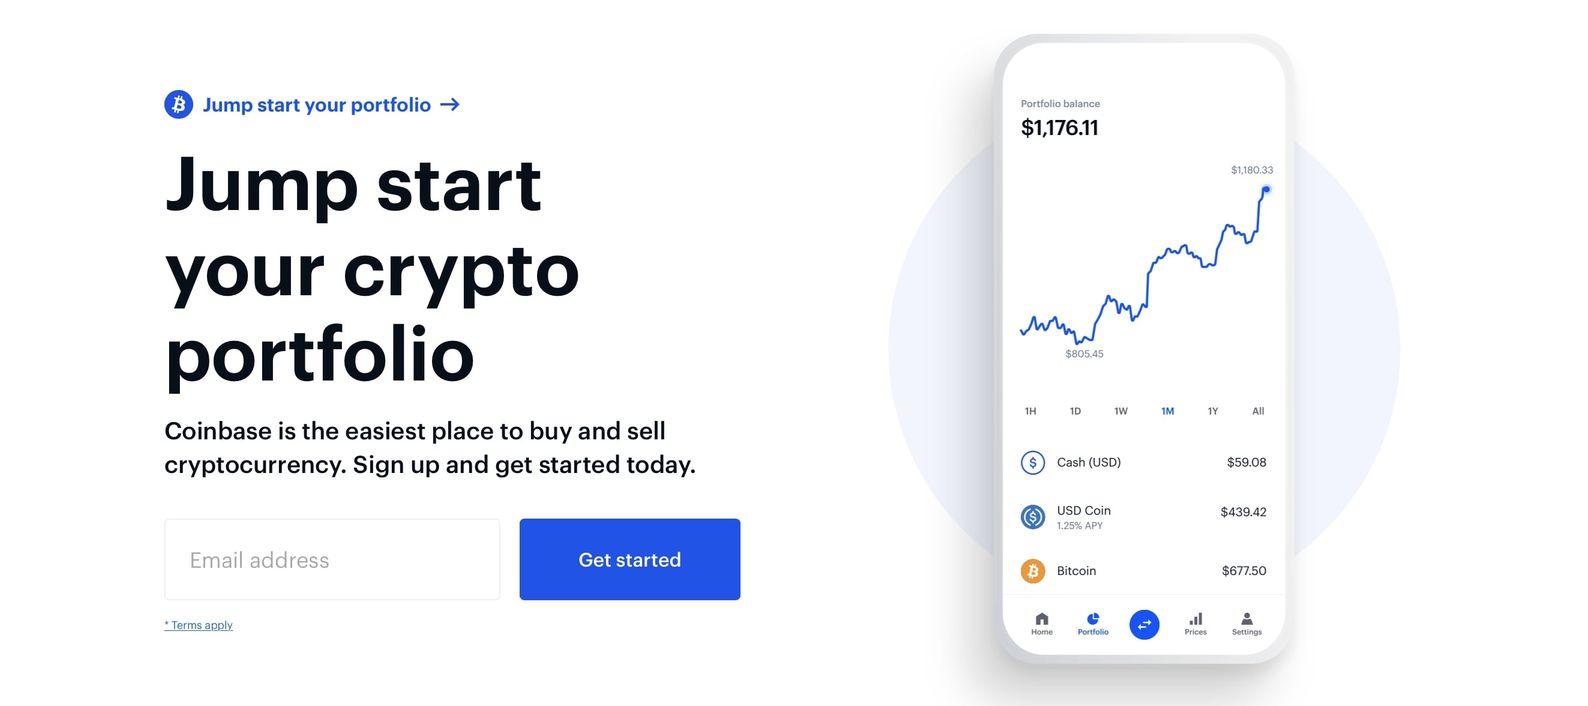 Beste crypto broker, Coinbase